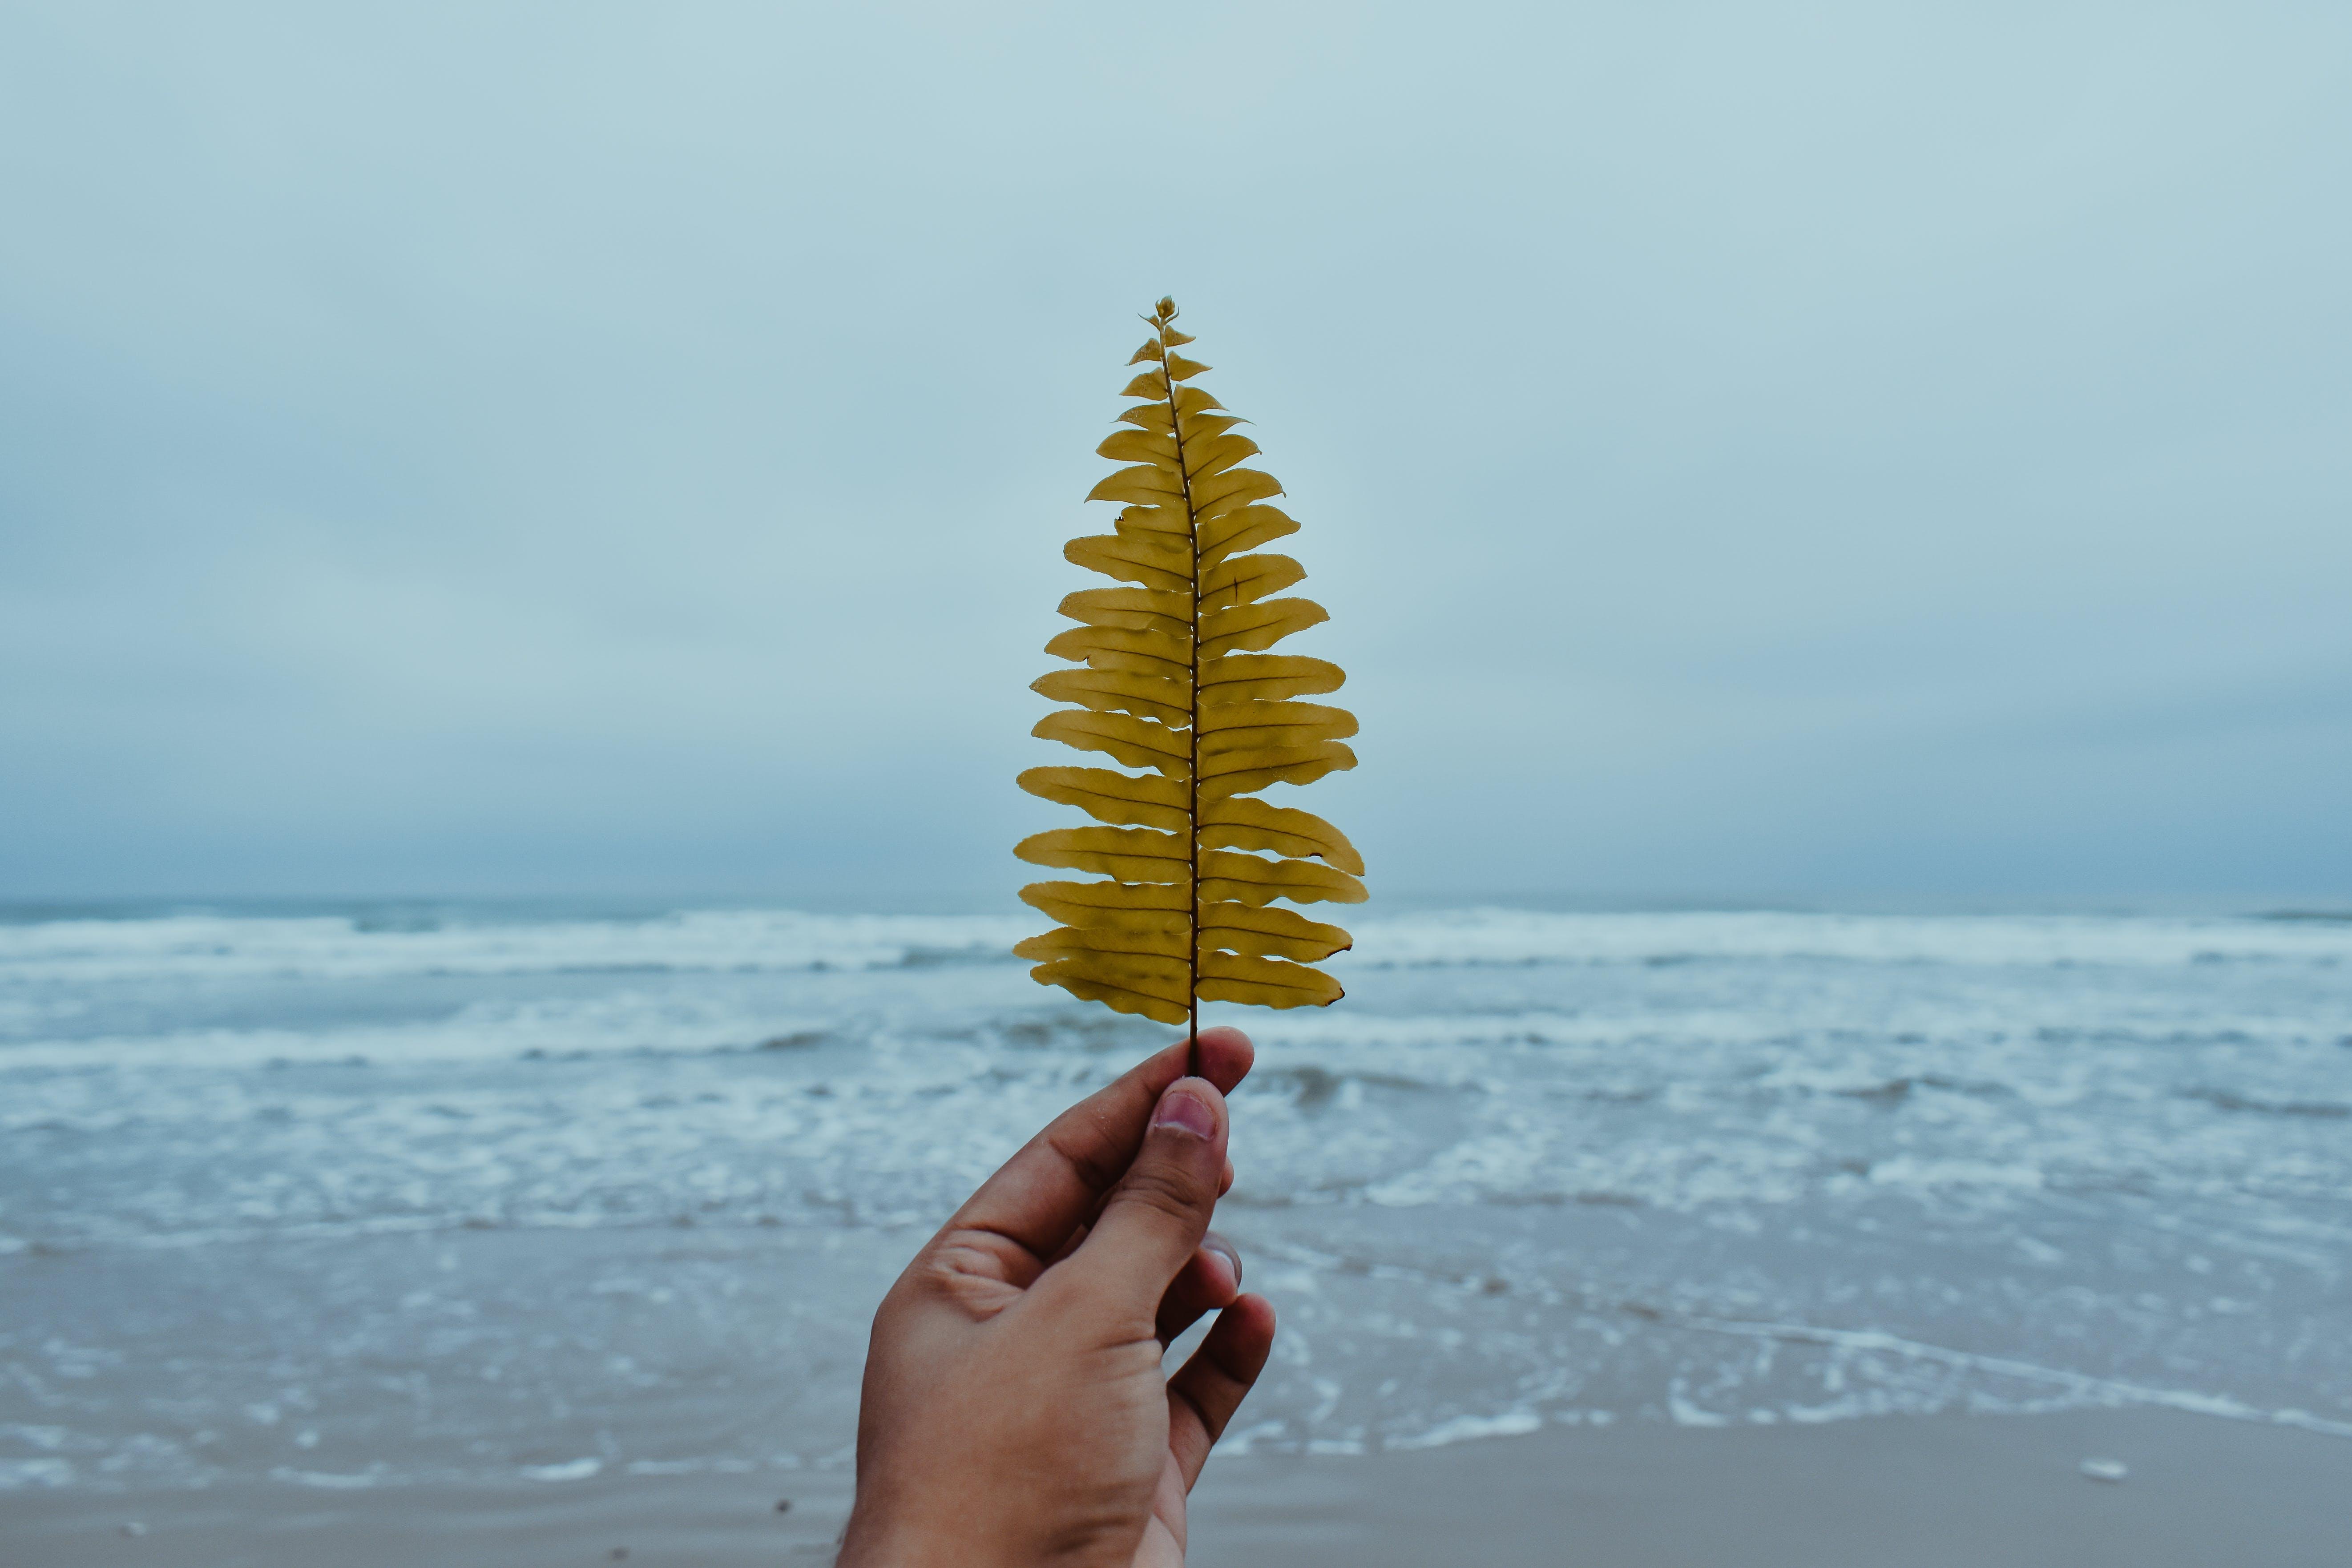 blå hav, blad, bølger